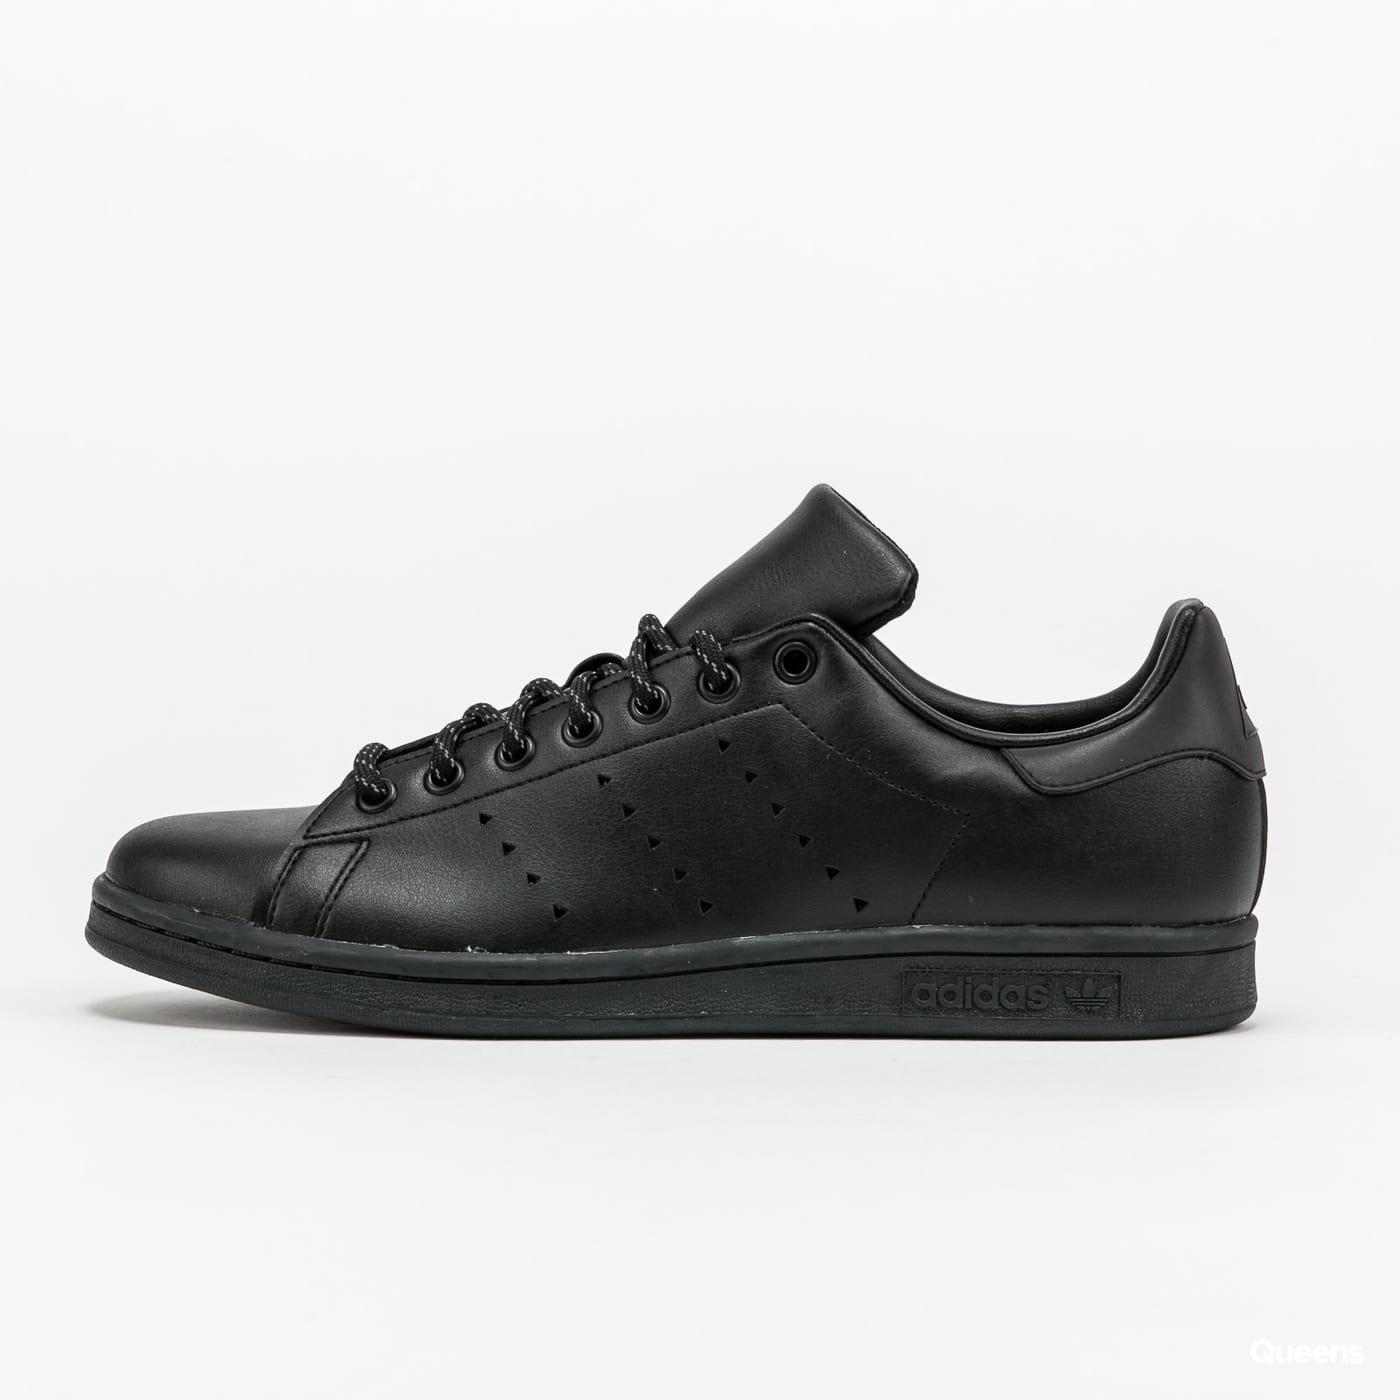 adidas Originals Stan Smith cblack / cblack / cblack